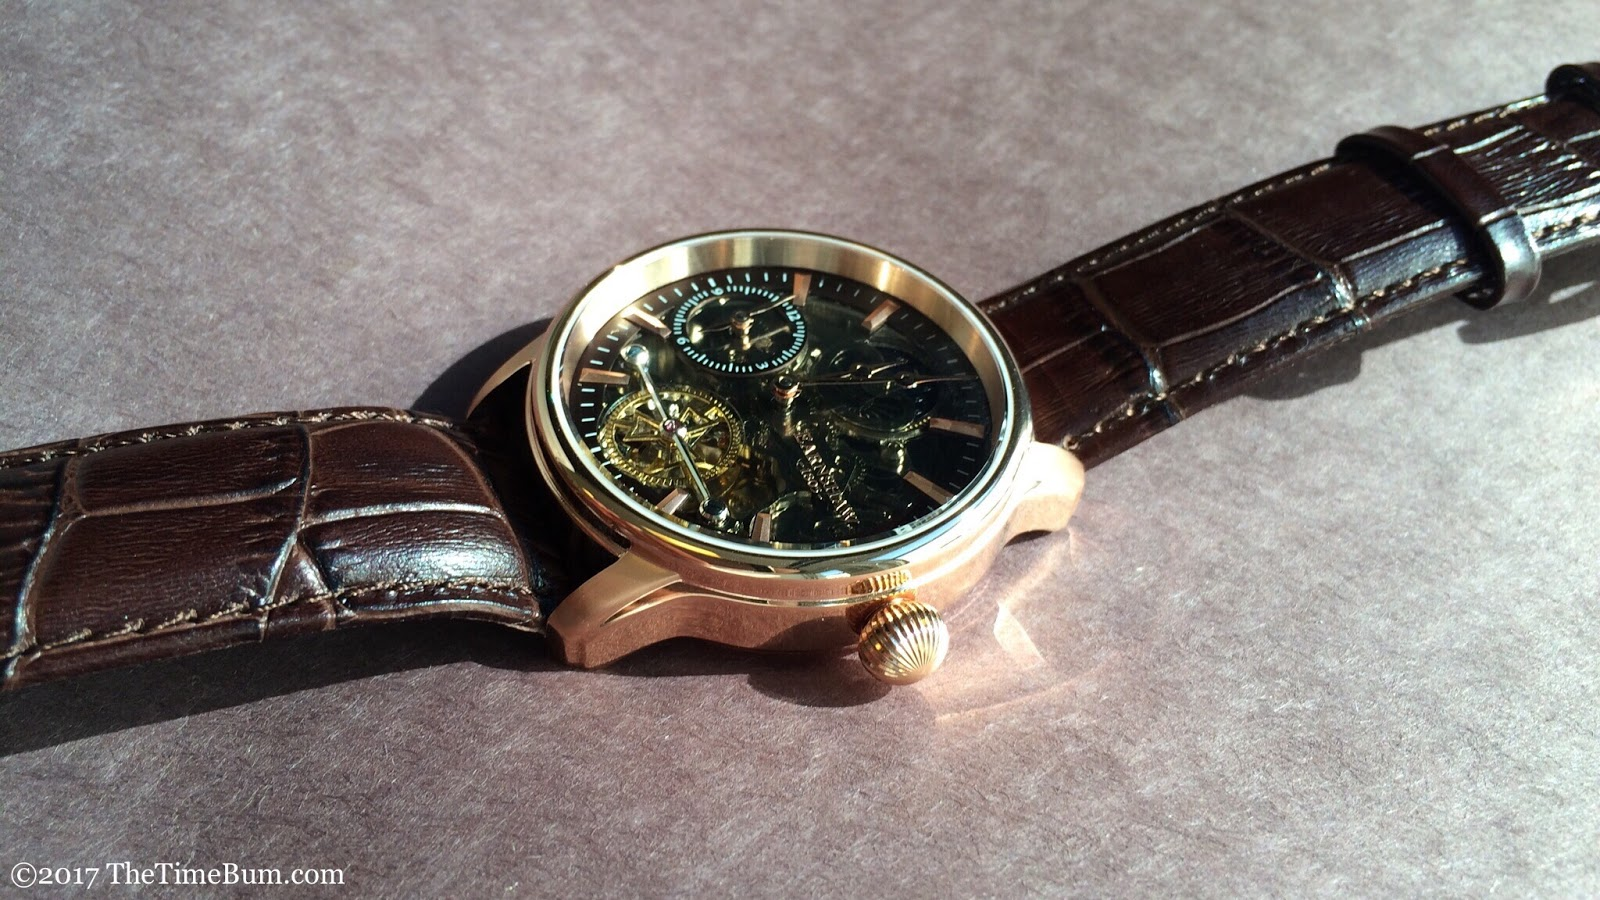 Les trois montres examinées ici sont des modèles distincts, mais ils  partagent plus de quelques points communs. Chacun de leurs cas en acier  inoxydable est ... ad65f5e89464